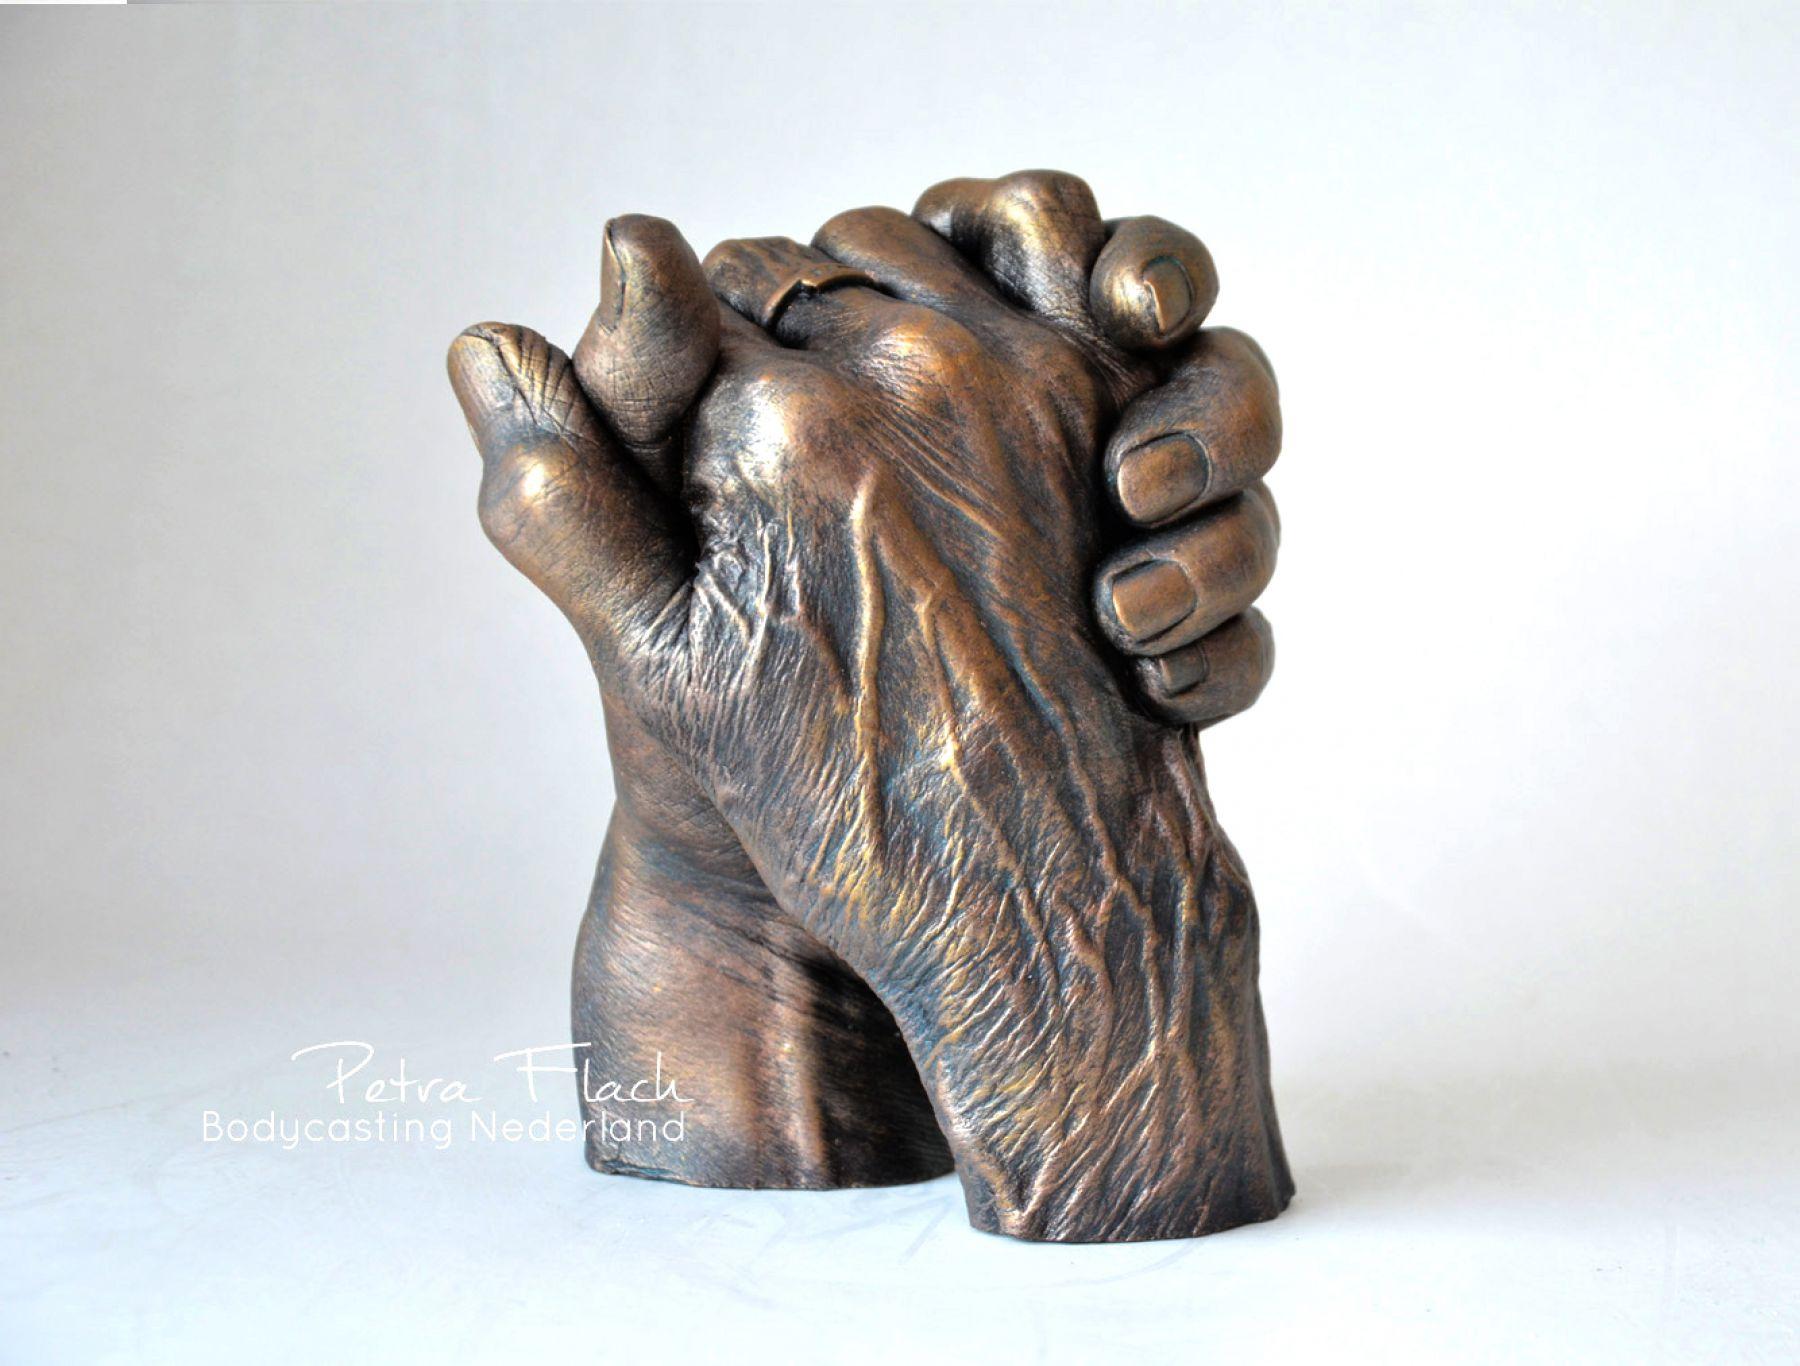 Bodycasting-lifecasting-beeld-handen-details-hands-artwork-pieceofart-kunstwerk-petraflach-handafdruk-aders-patina